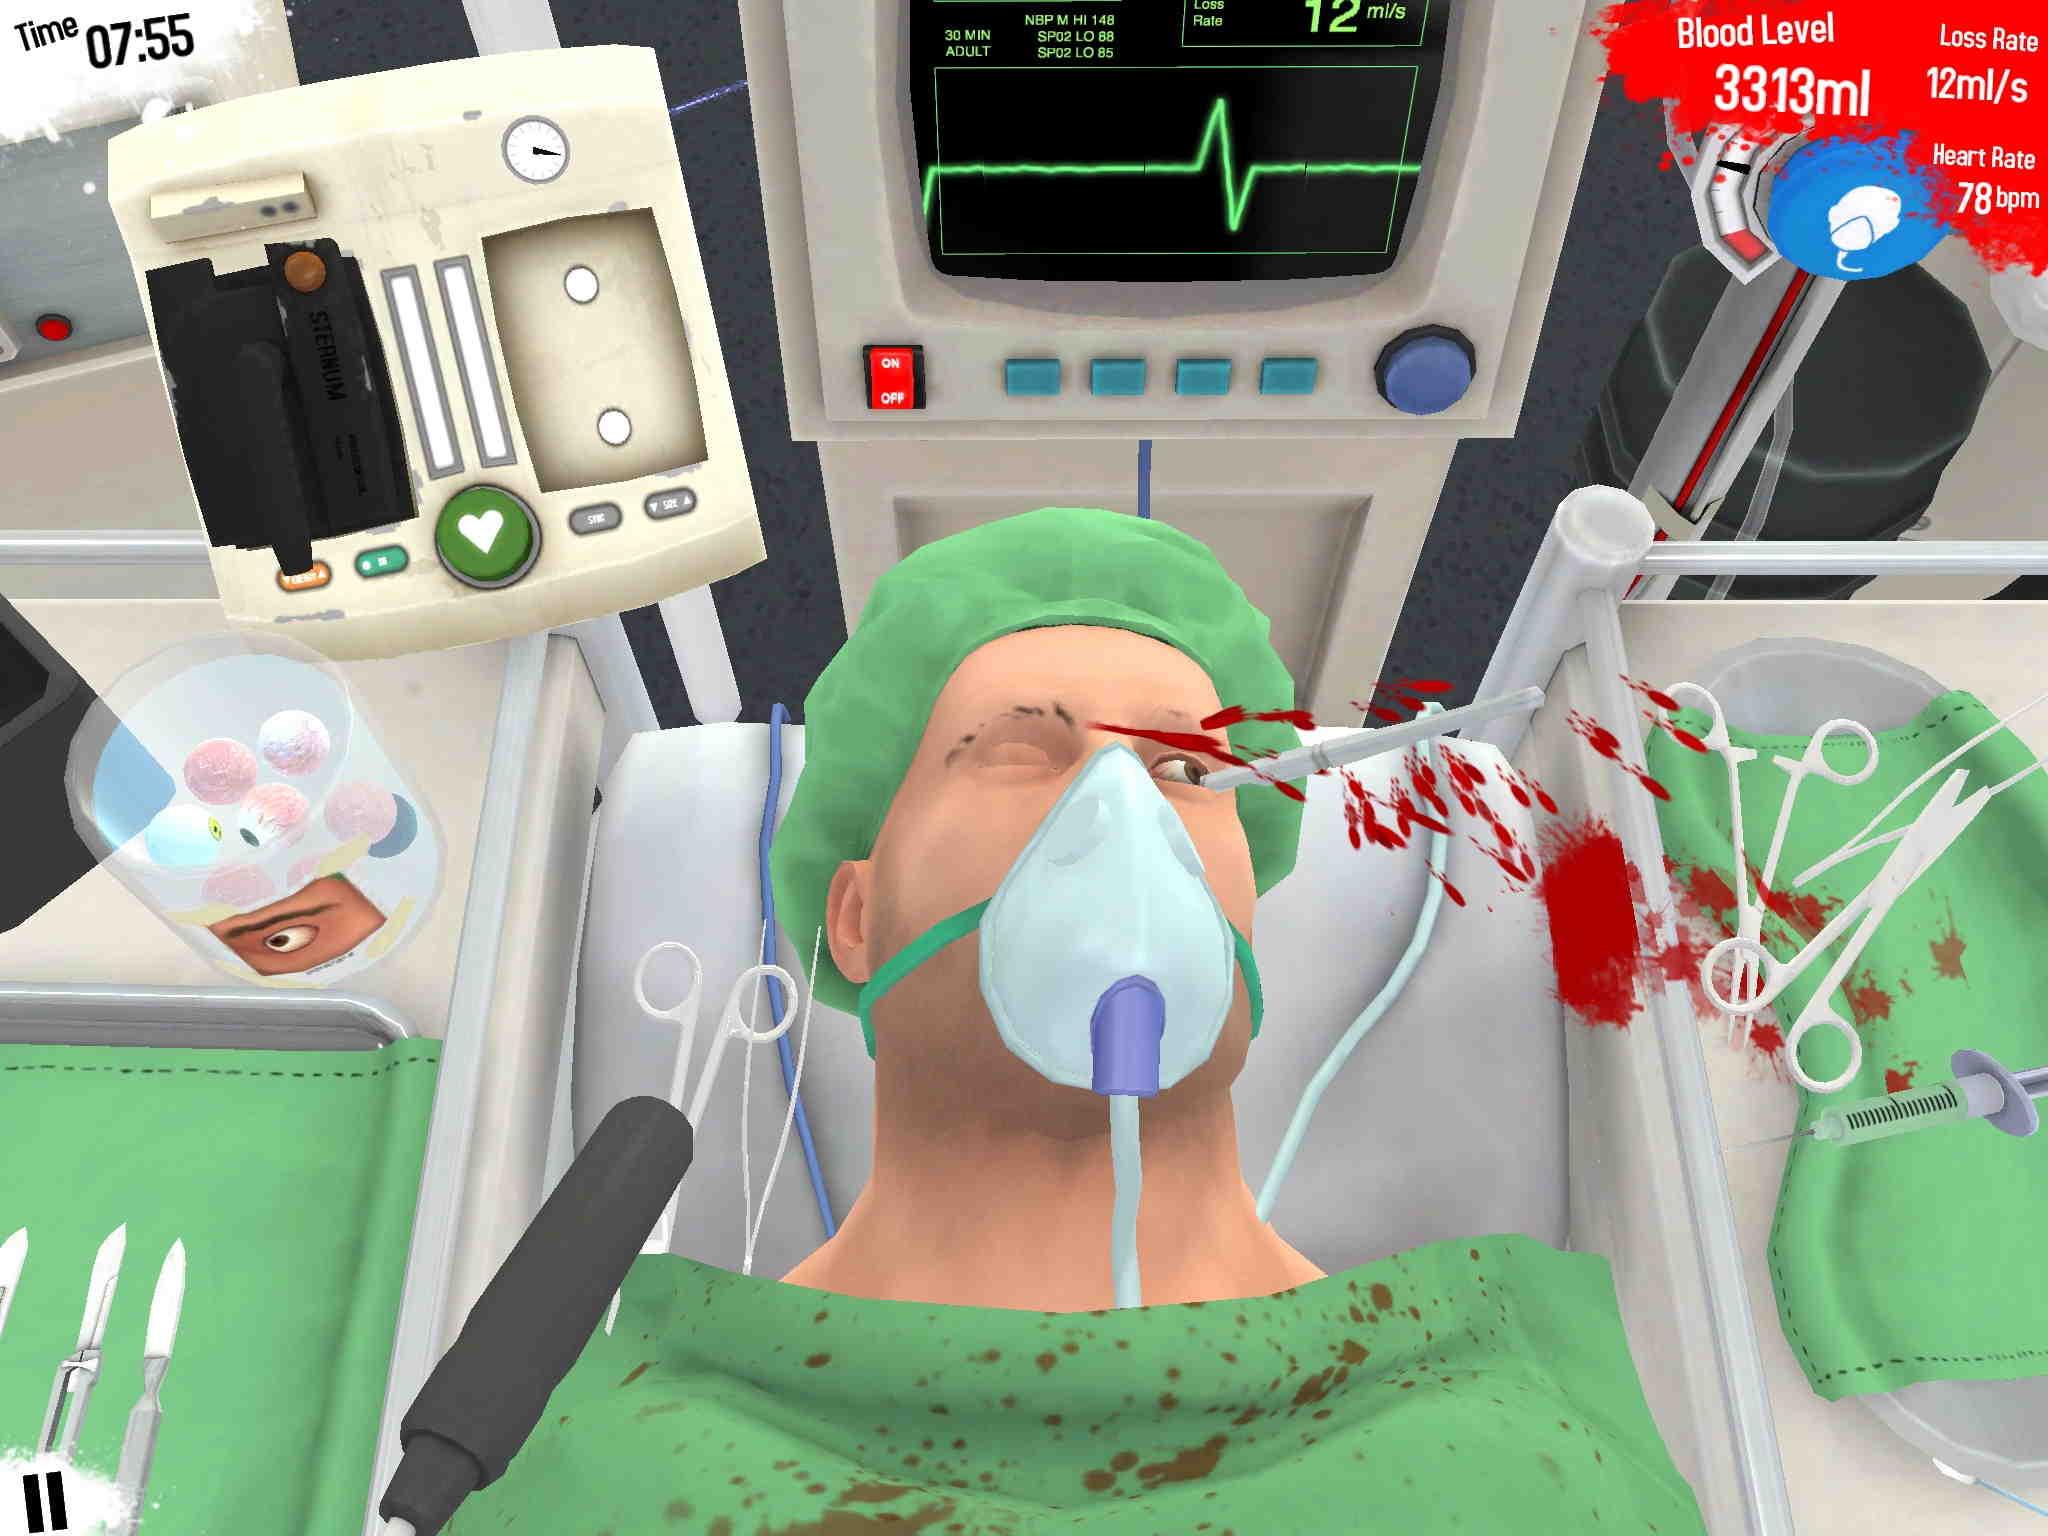 SurgeonSimulator03